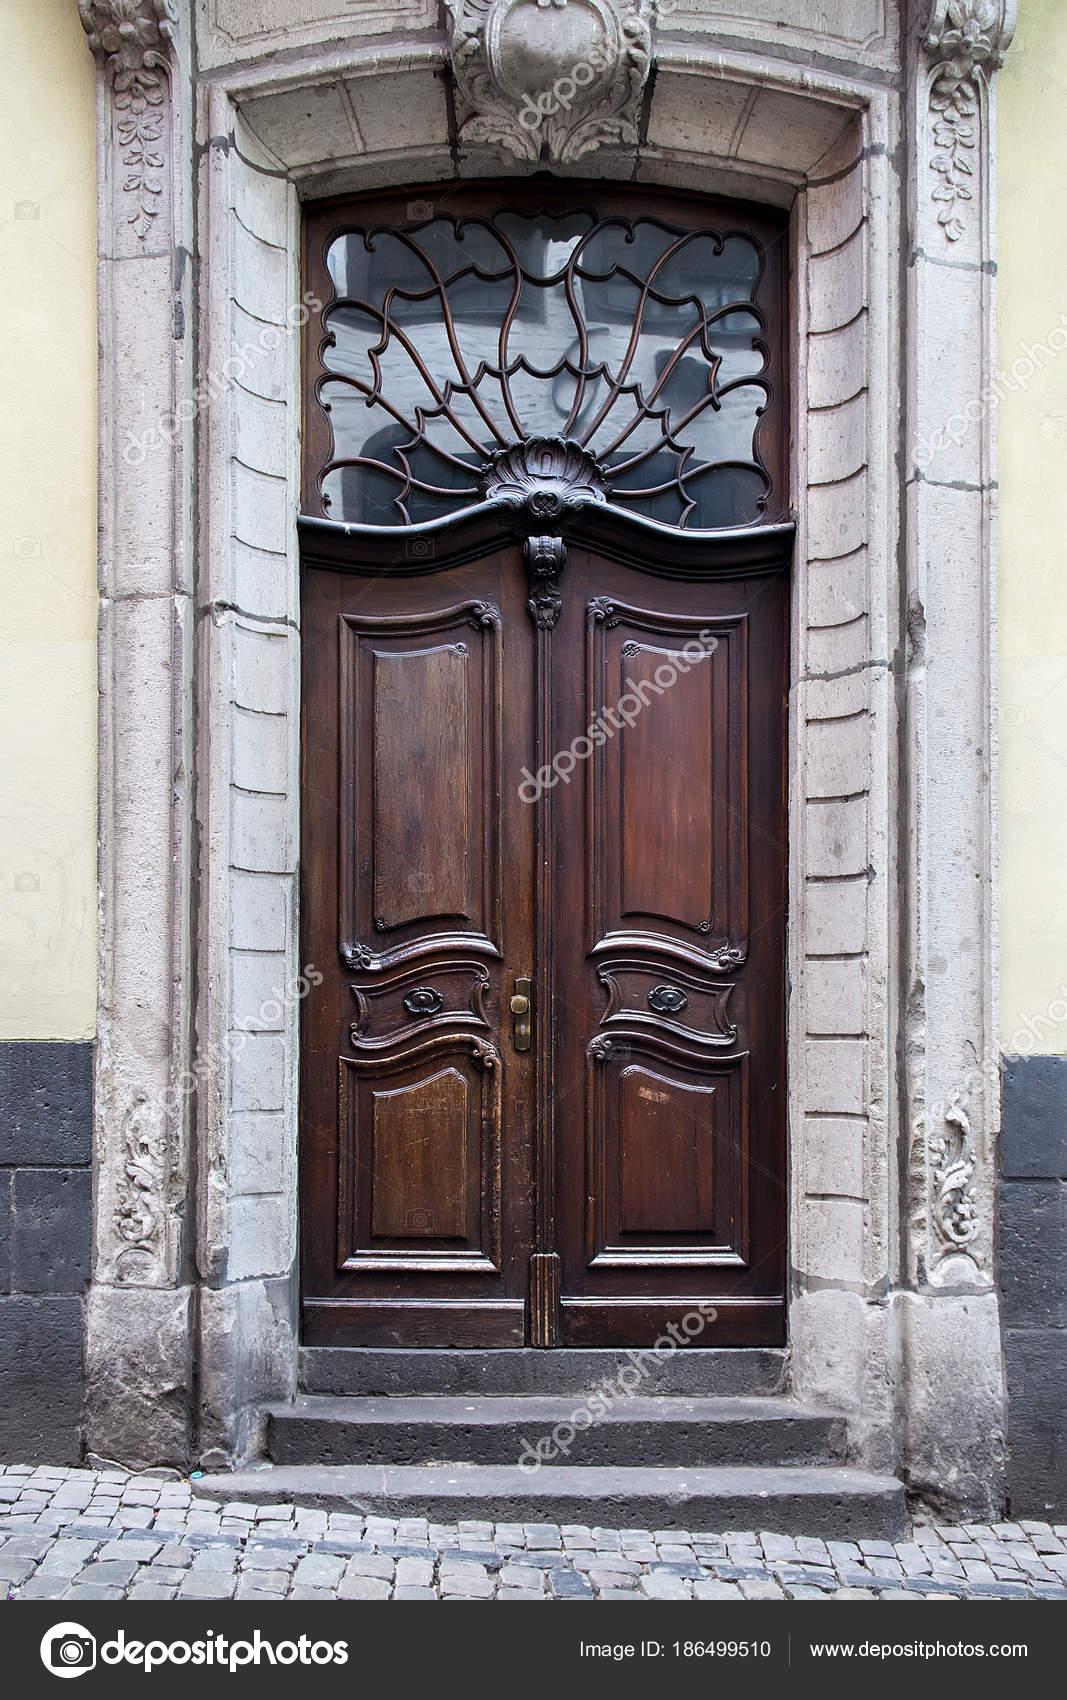 Vieilles portes en bois avec vitraux, grilles forgées et ornements ...